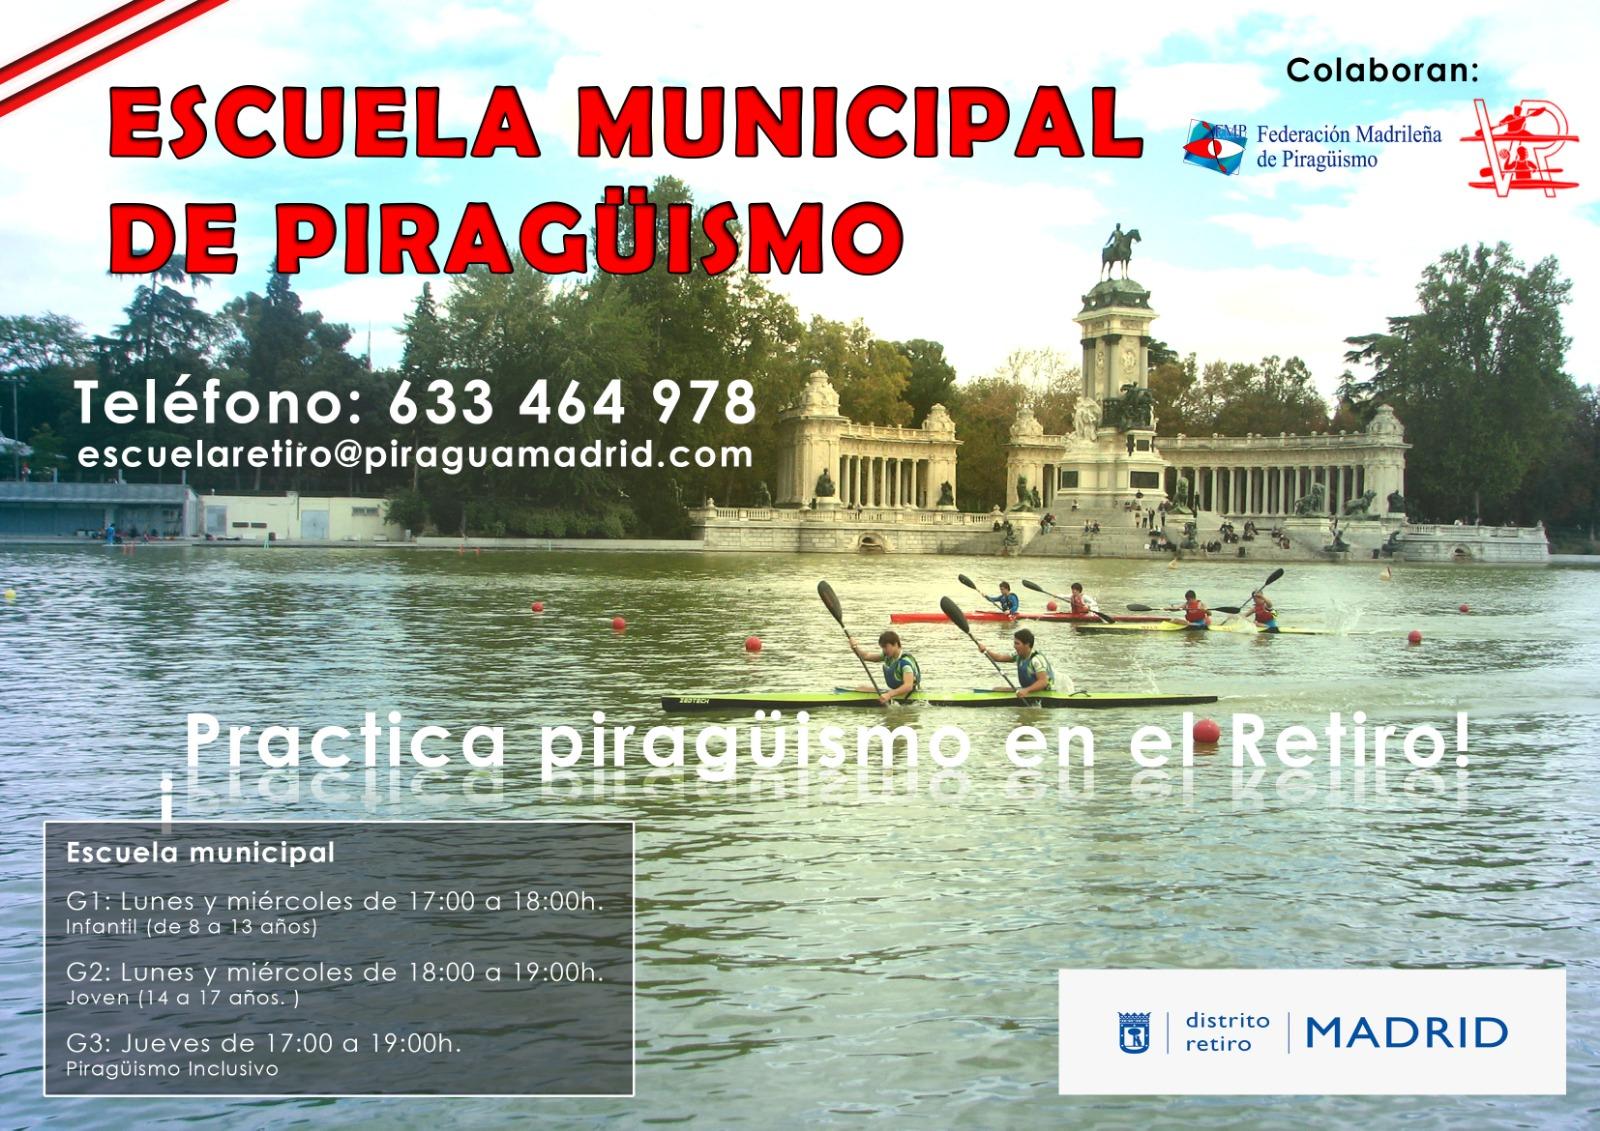 Escuela Municipal de Piragüismo